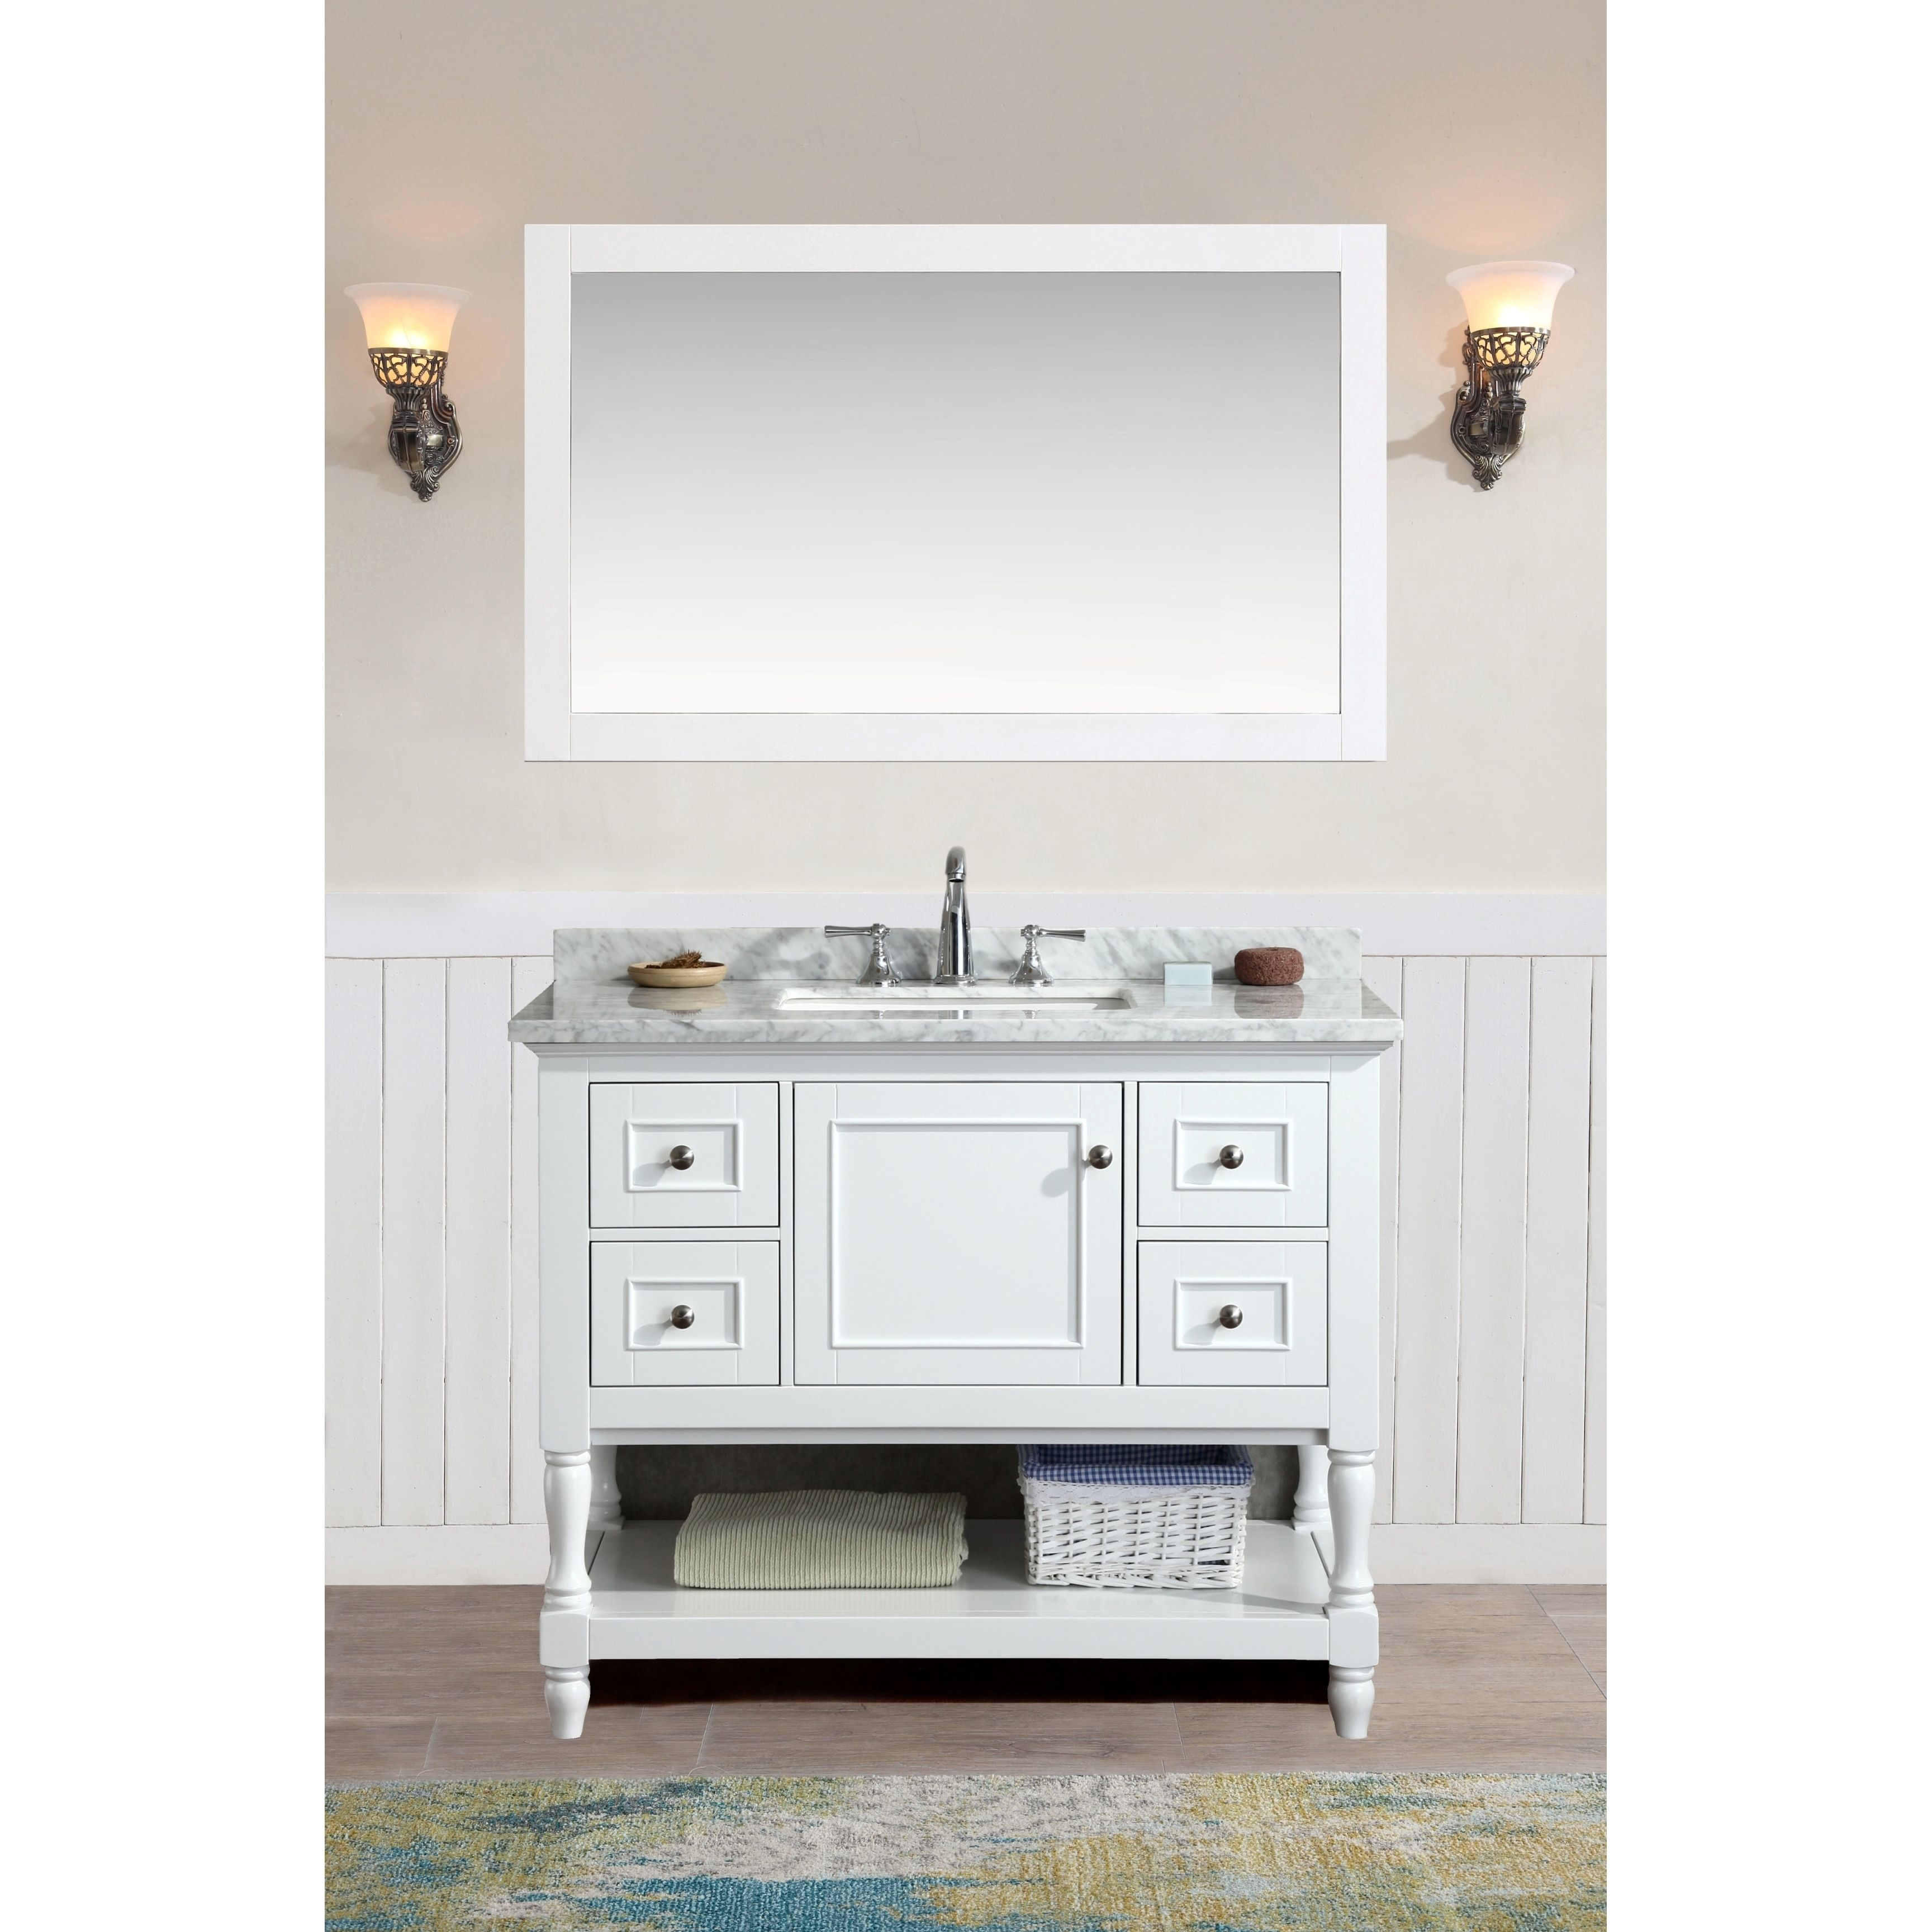 Ari Kitchen And Bath Cape Cod 42 Inch Single Bathroom Vanity Set